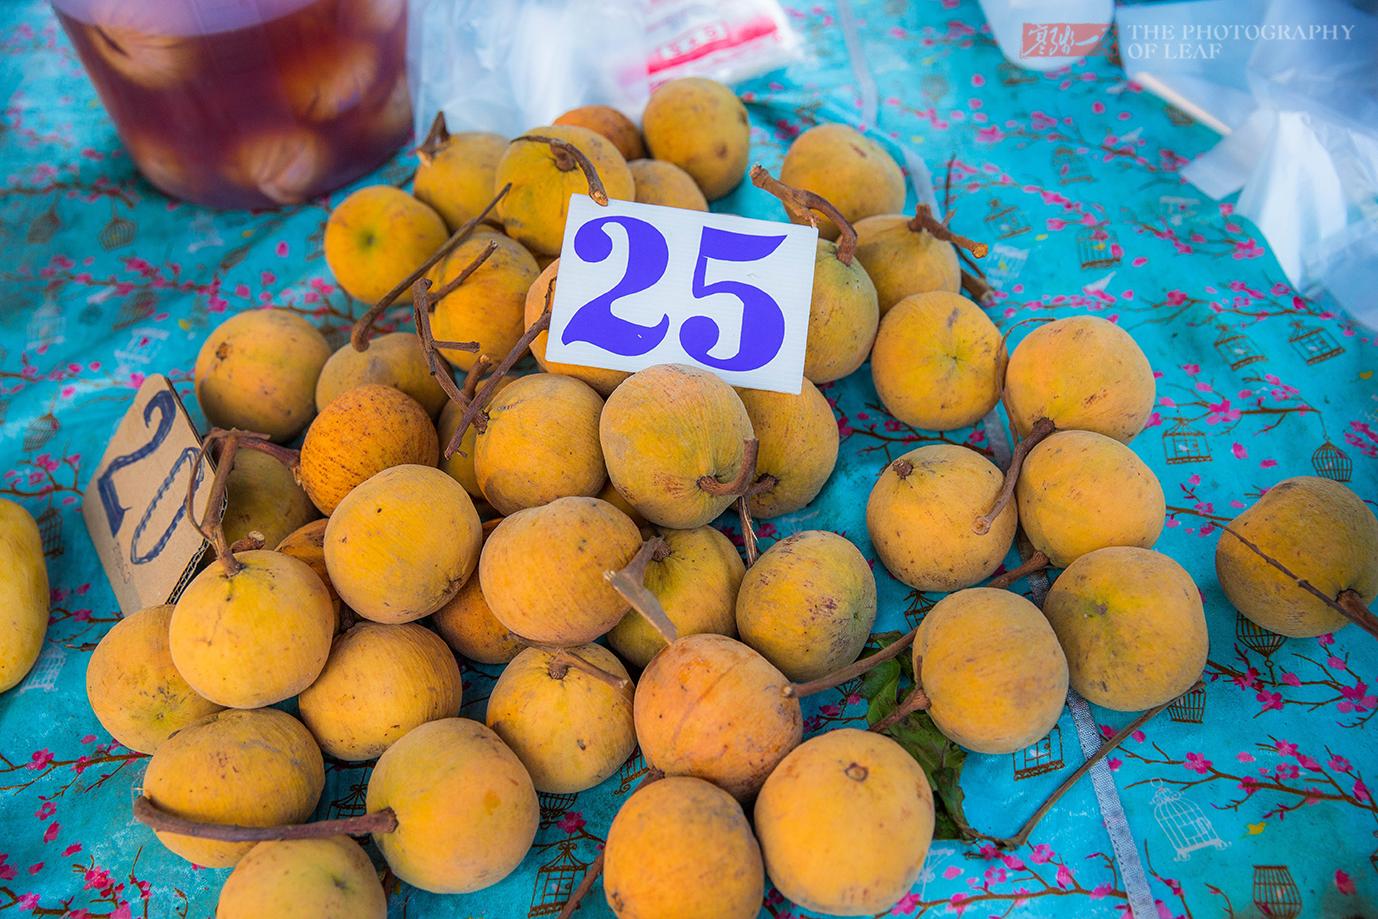 探訪清萊地下市場,物價低得讓人吃驚,這才是泰國人的真實生活